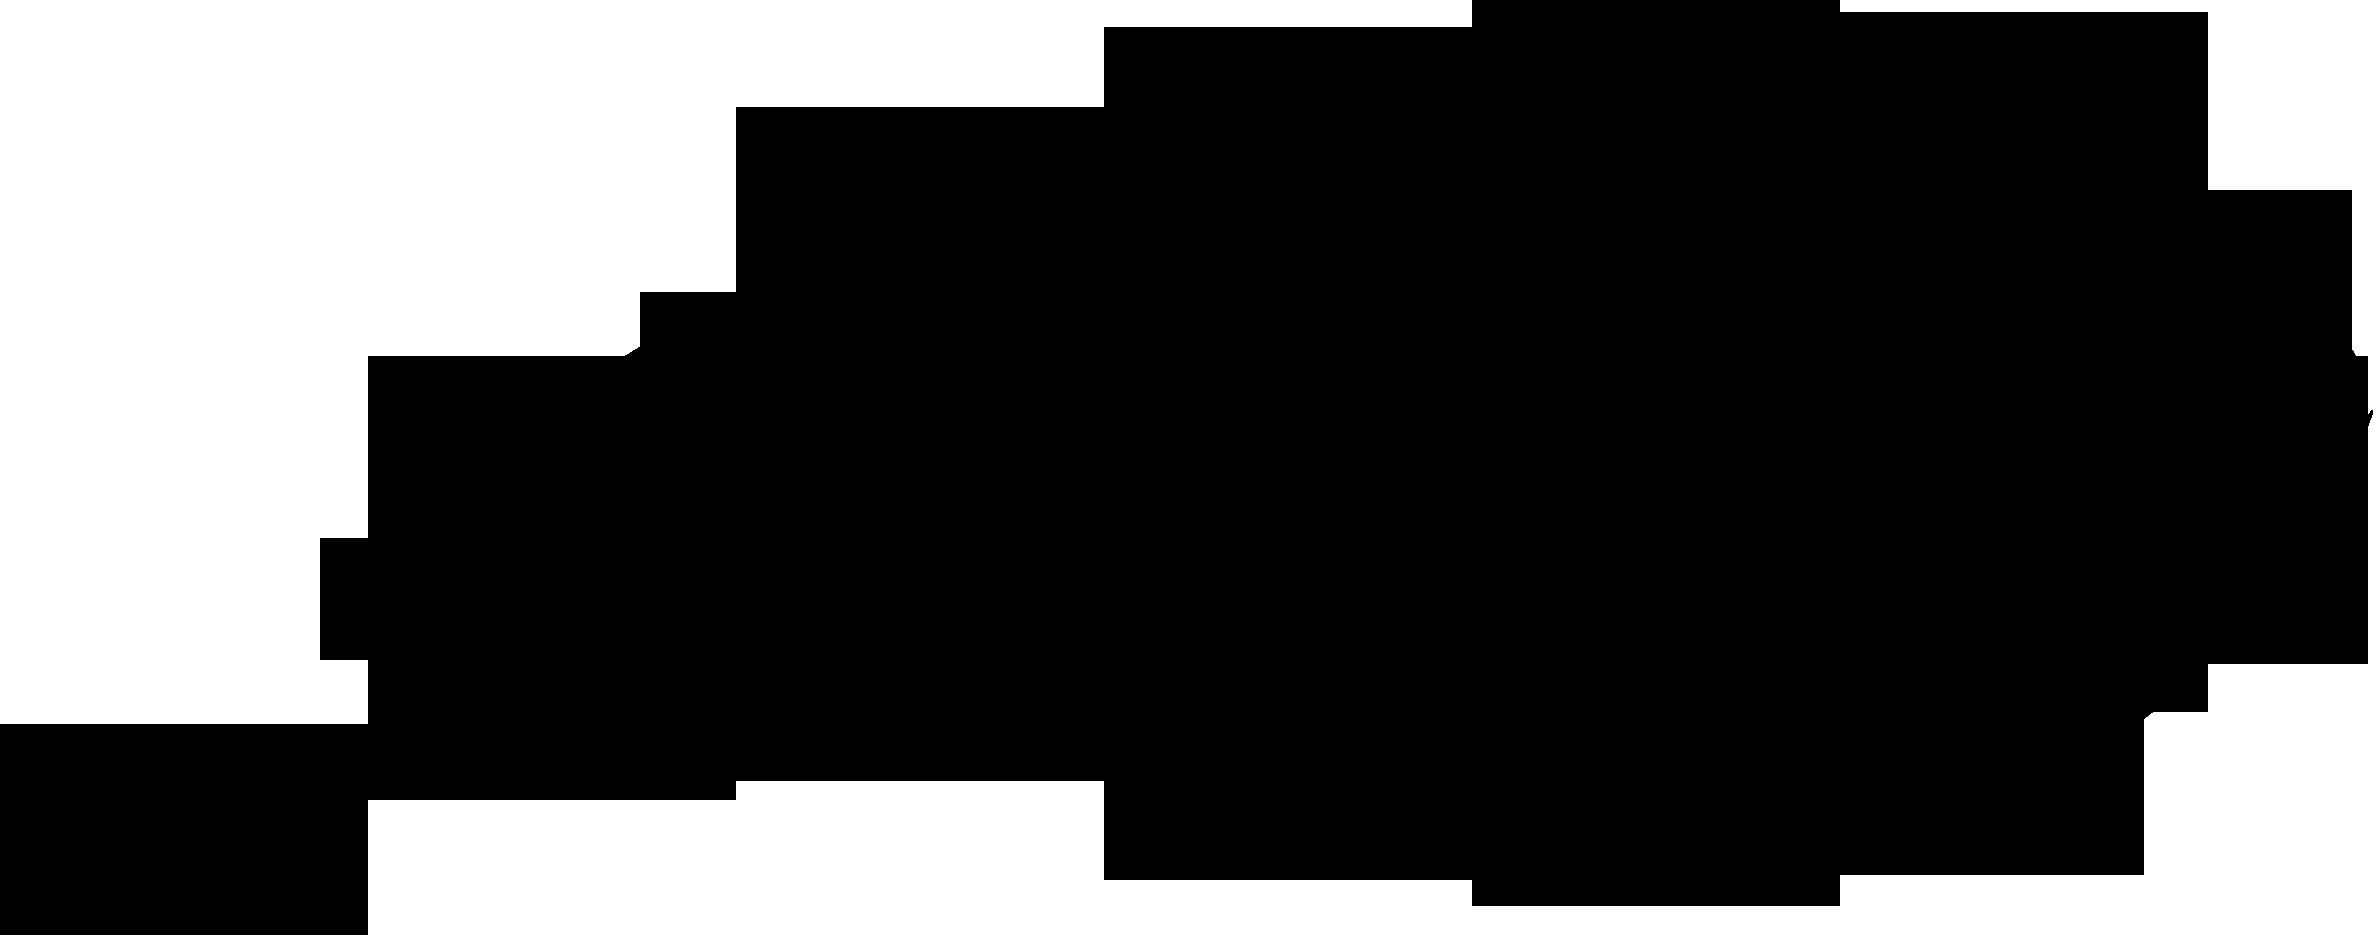 Flag football logo ideas